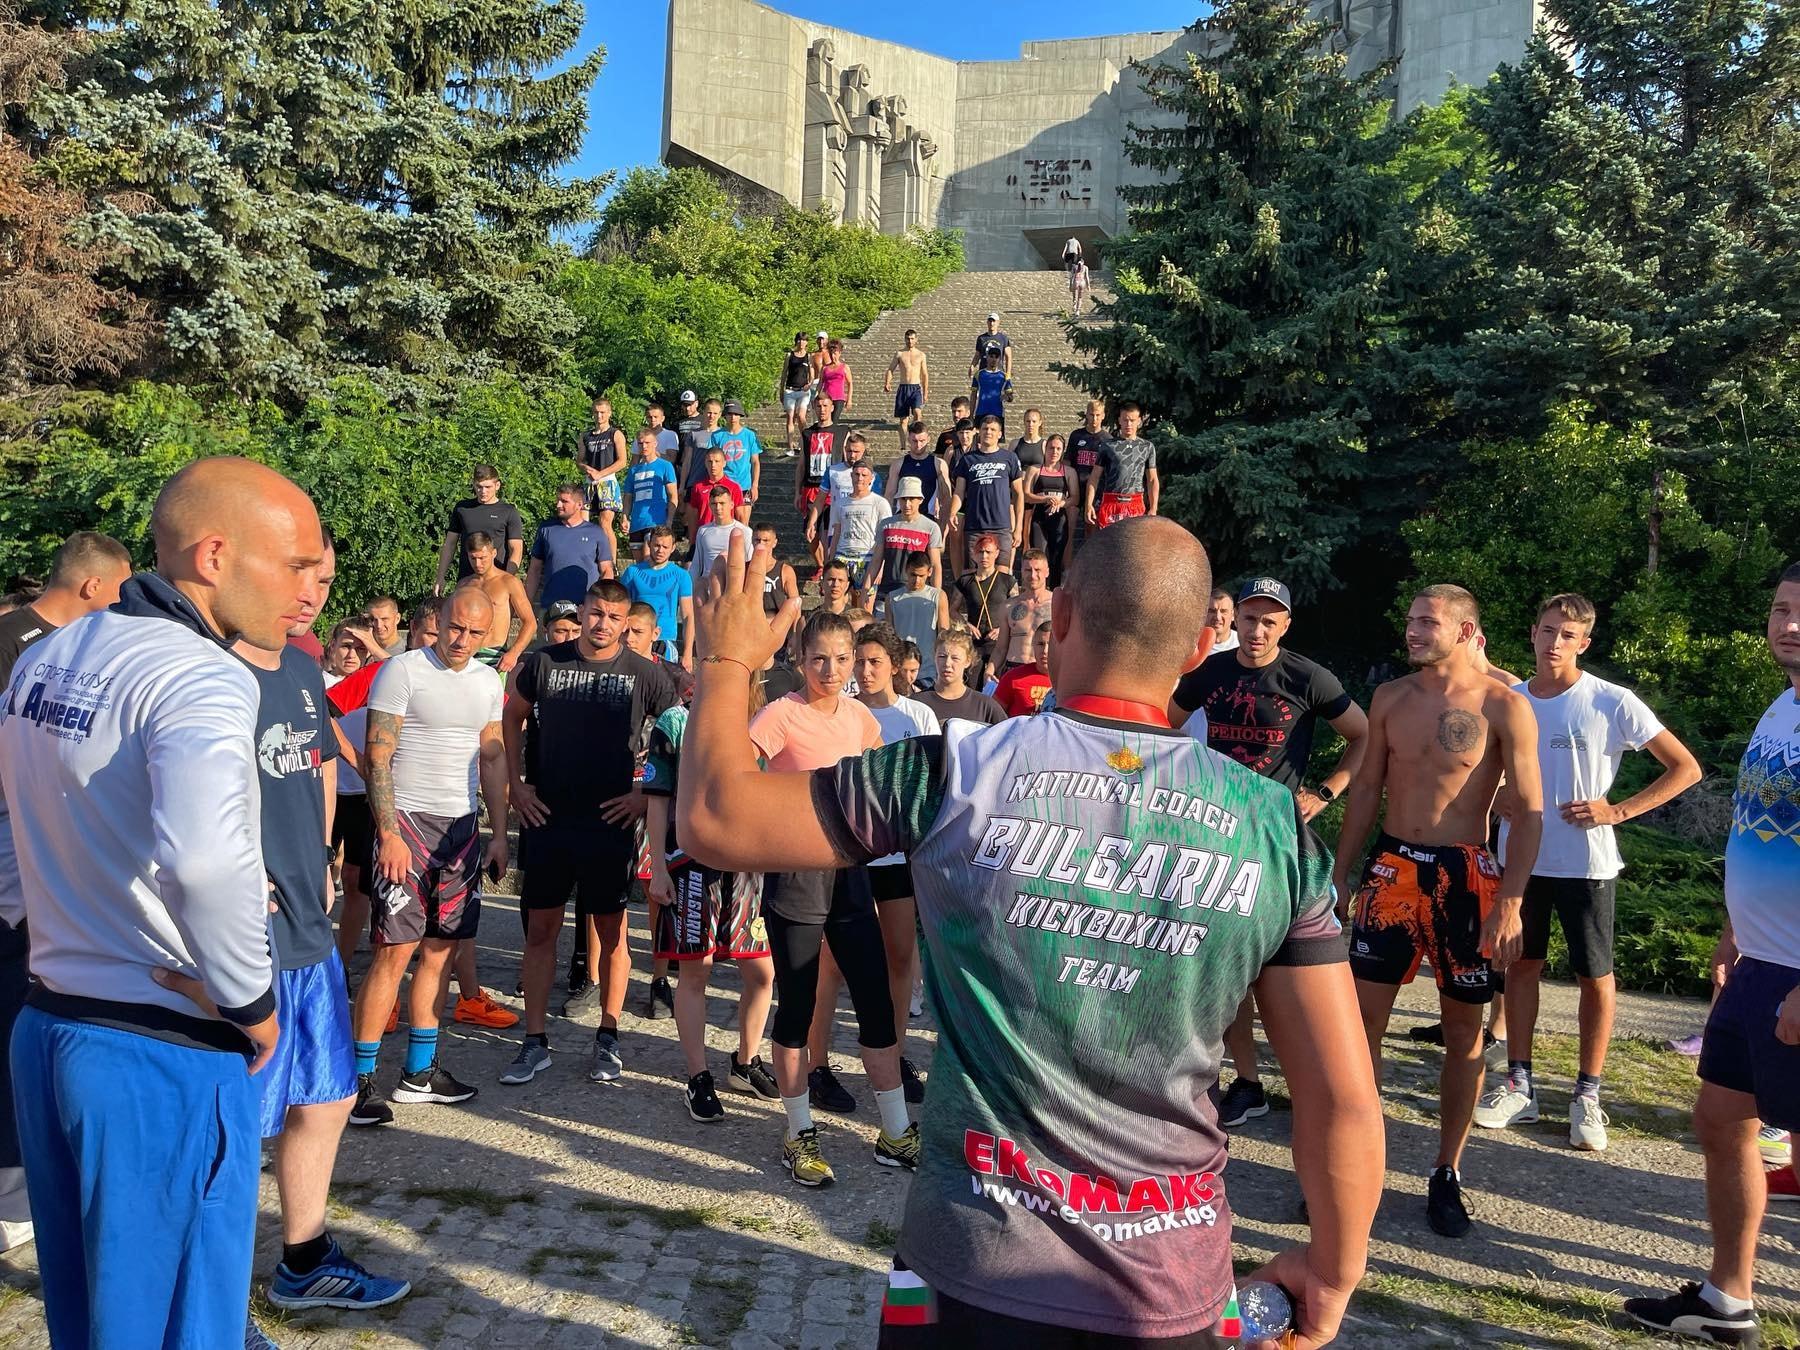 Националите по кикбокс сплотиха колектива с тренировка на открито